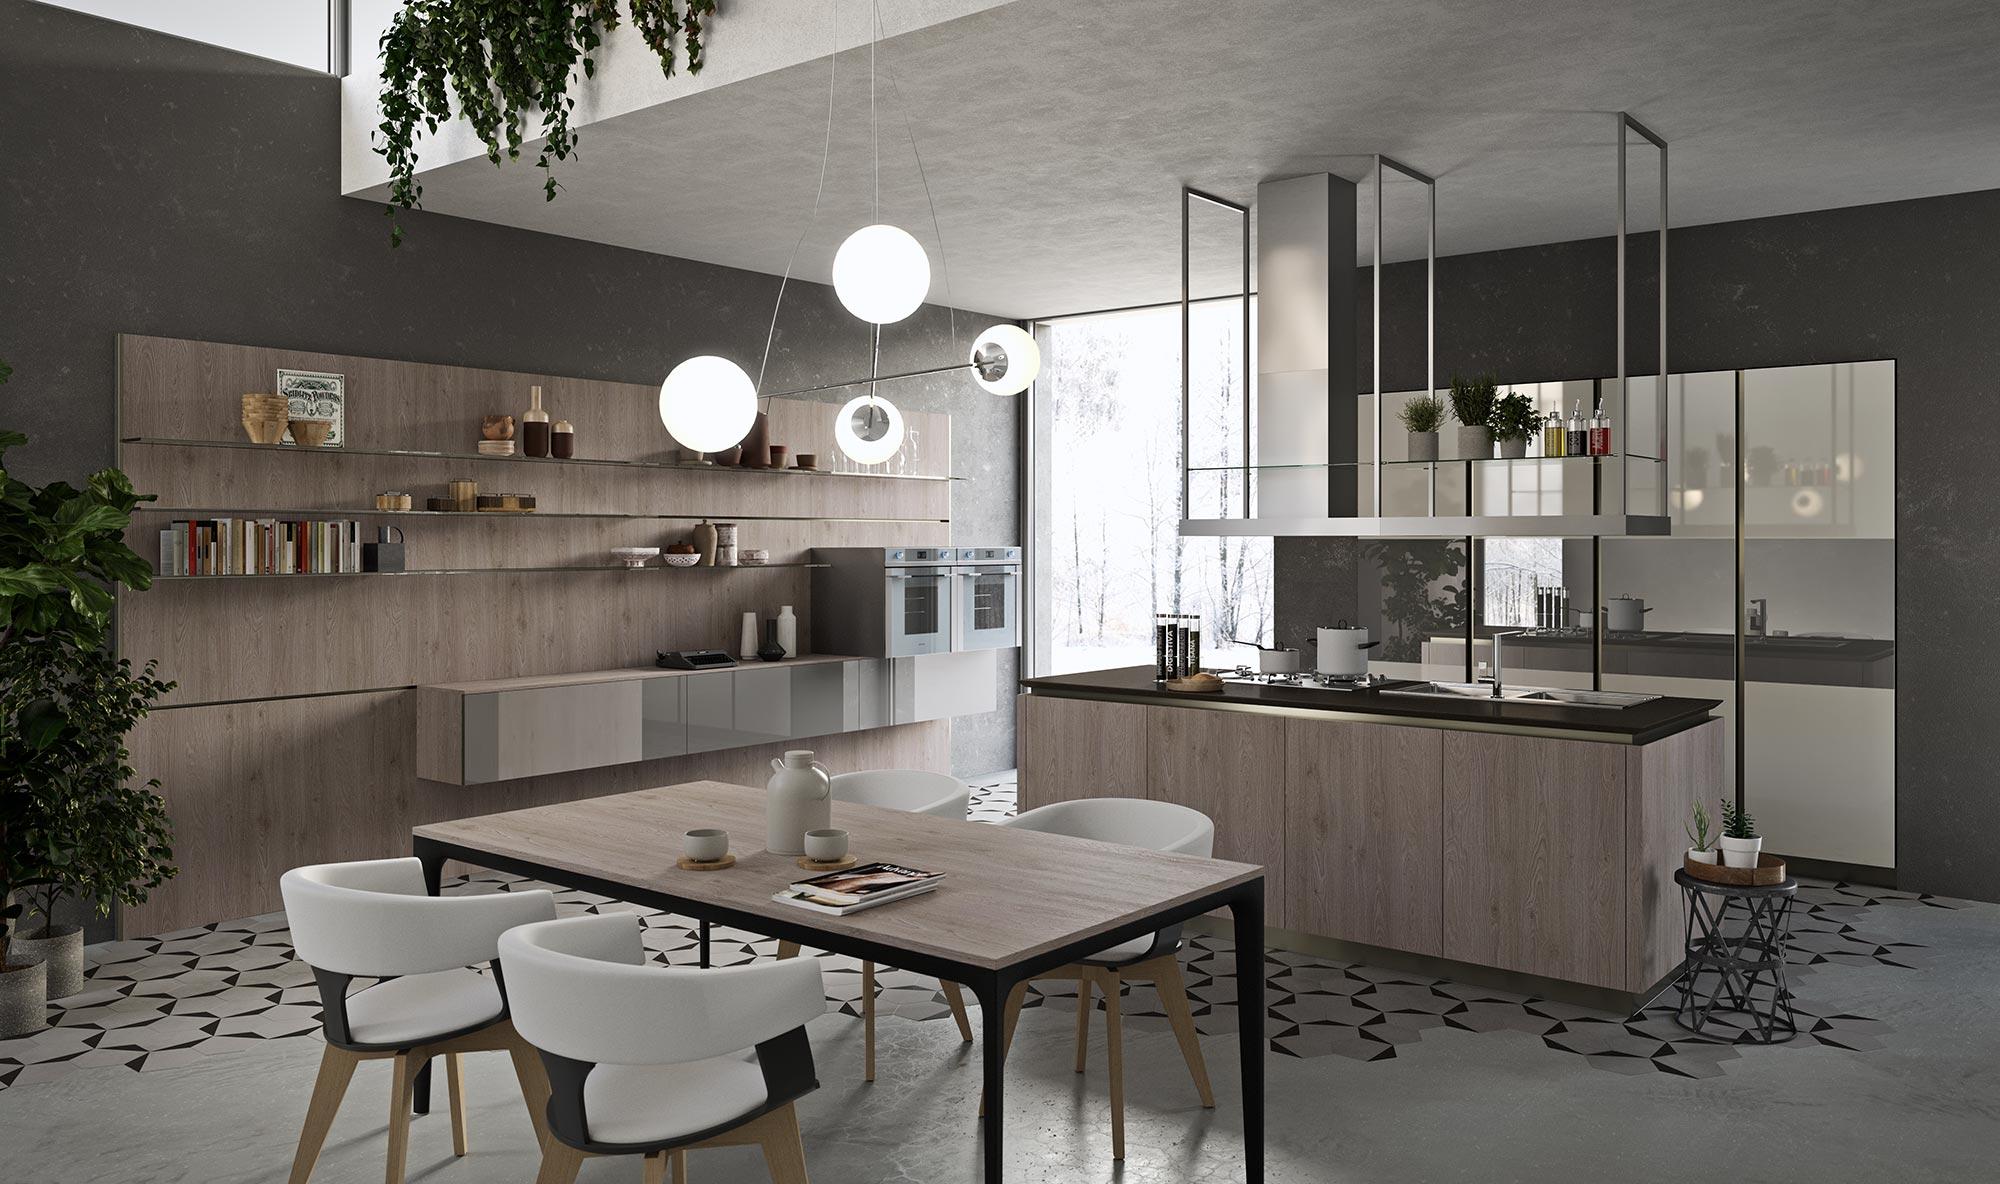 Aran Cucine Cuisines Italiennes Modernes Et Sur Mesure A